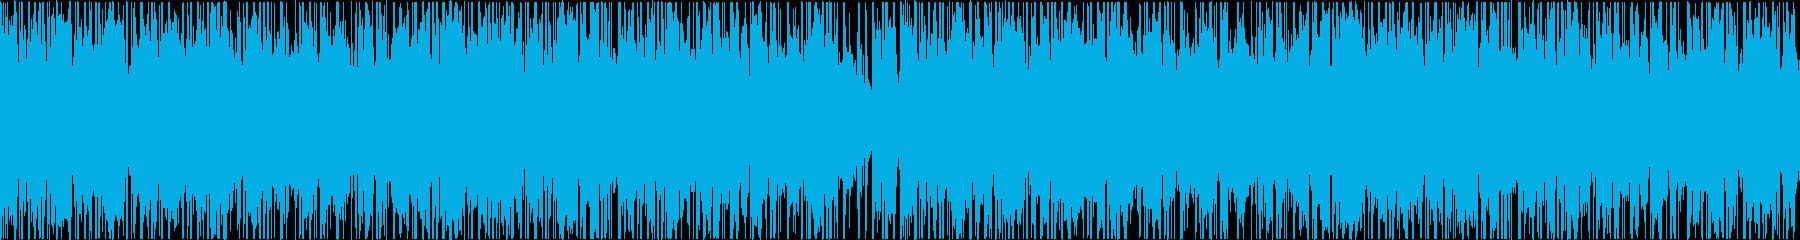 ローファイ、R&B、おしゃれ、CM、2の再生済みの波形